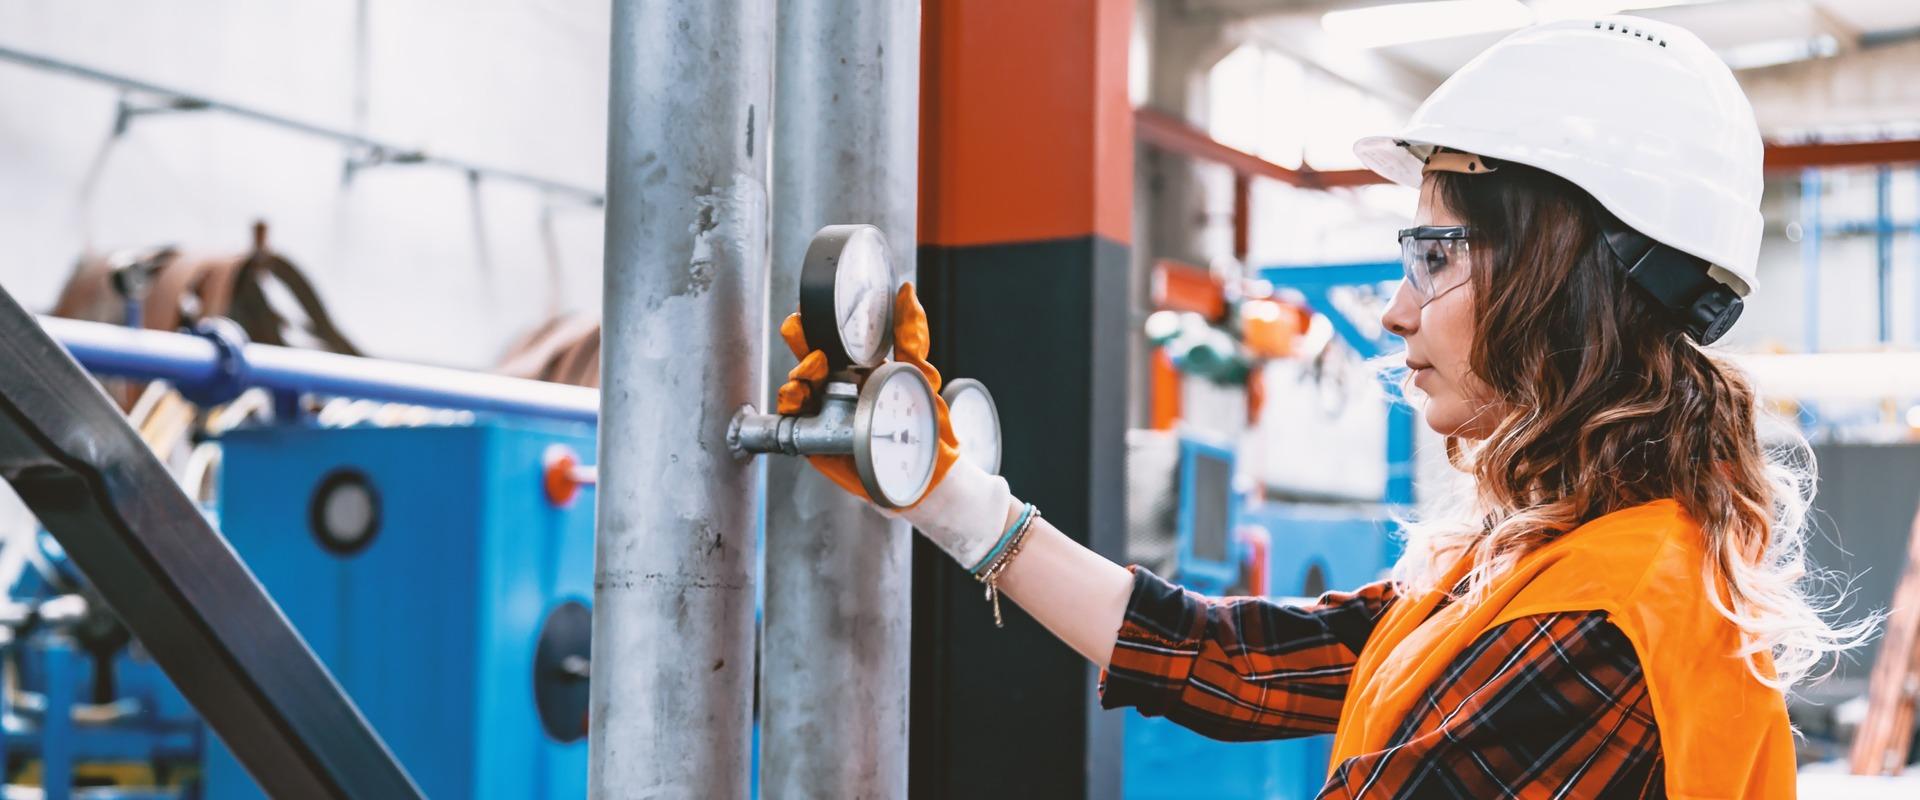 Women performing boiler maintenance check on valves